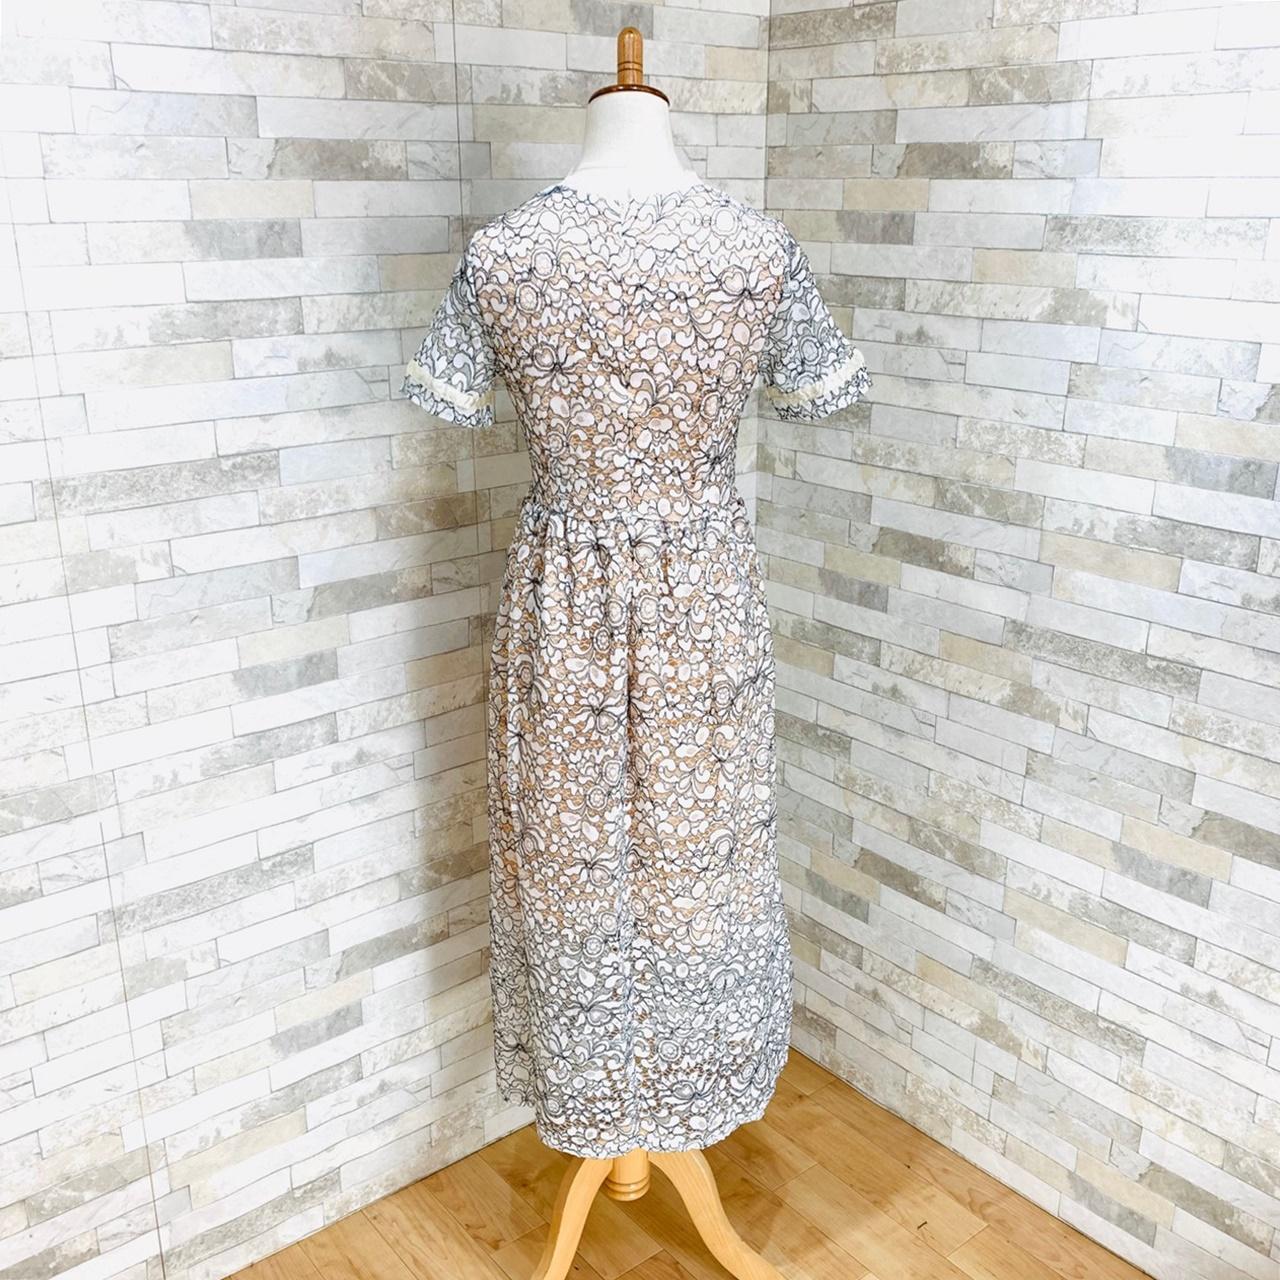 【即納】韓国 ファッション ワンピース パーティードレス ロング マキシ 夏 春 パーティー ブライダル SPTXE760 結婚式 お呼ばれ 総レース スタンドカラー ギャザ 二次会 セレブ きれいめの写真5枚目